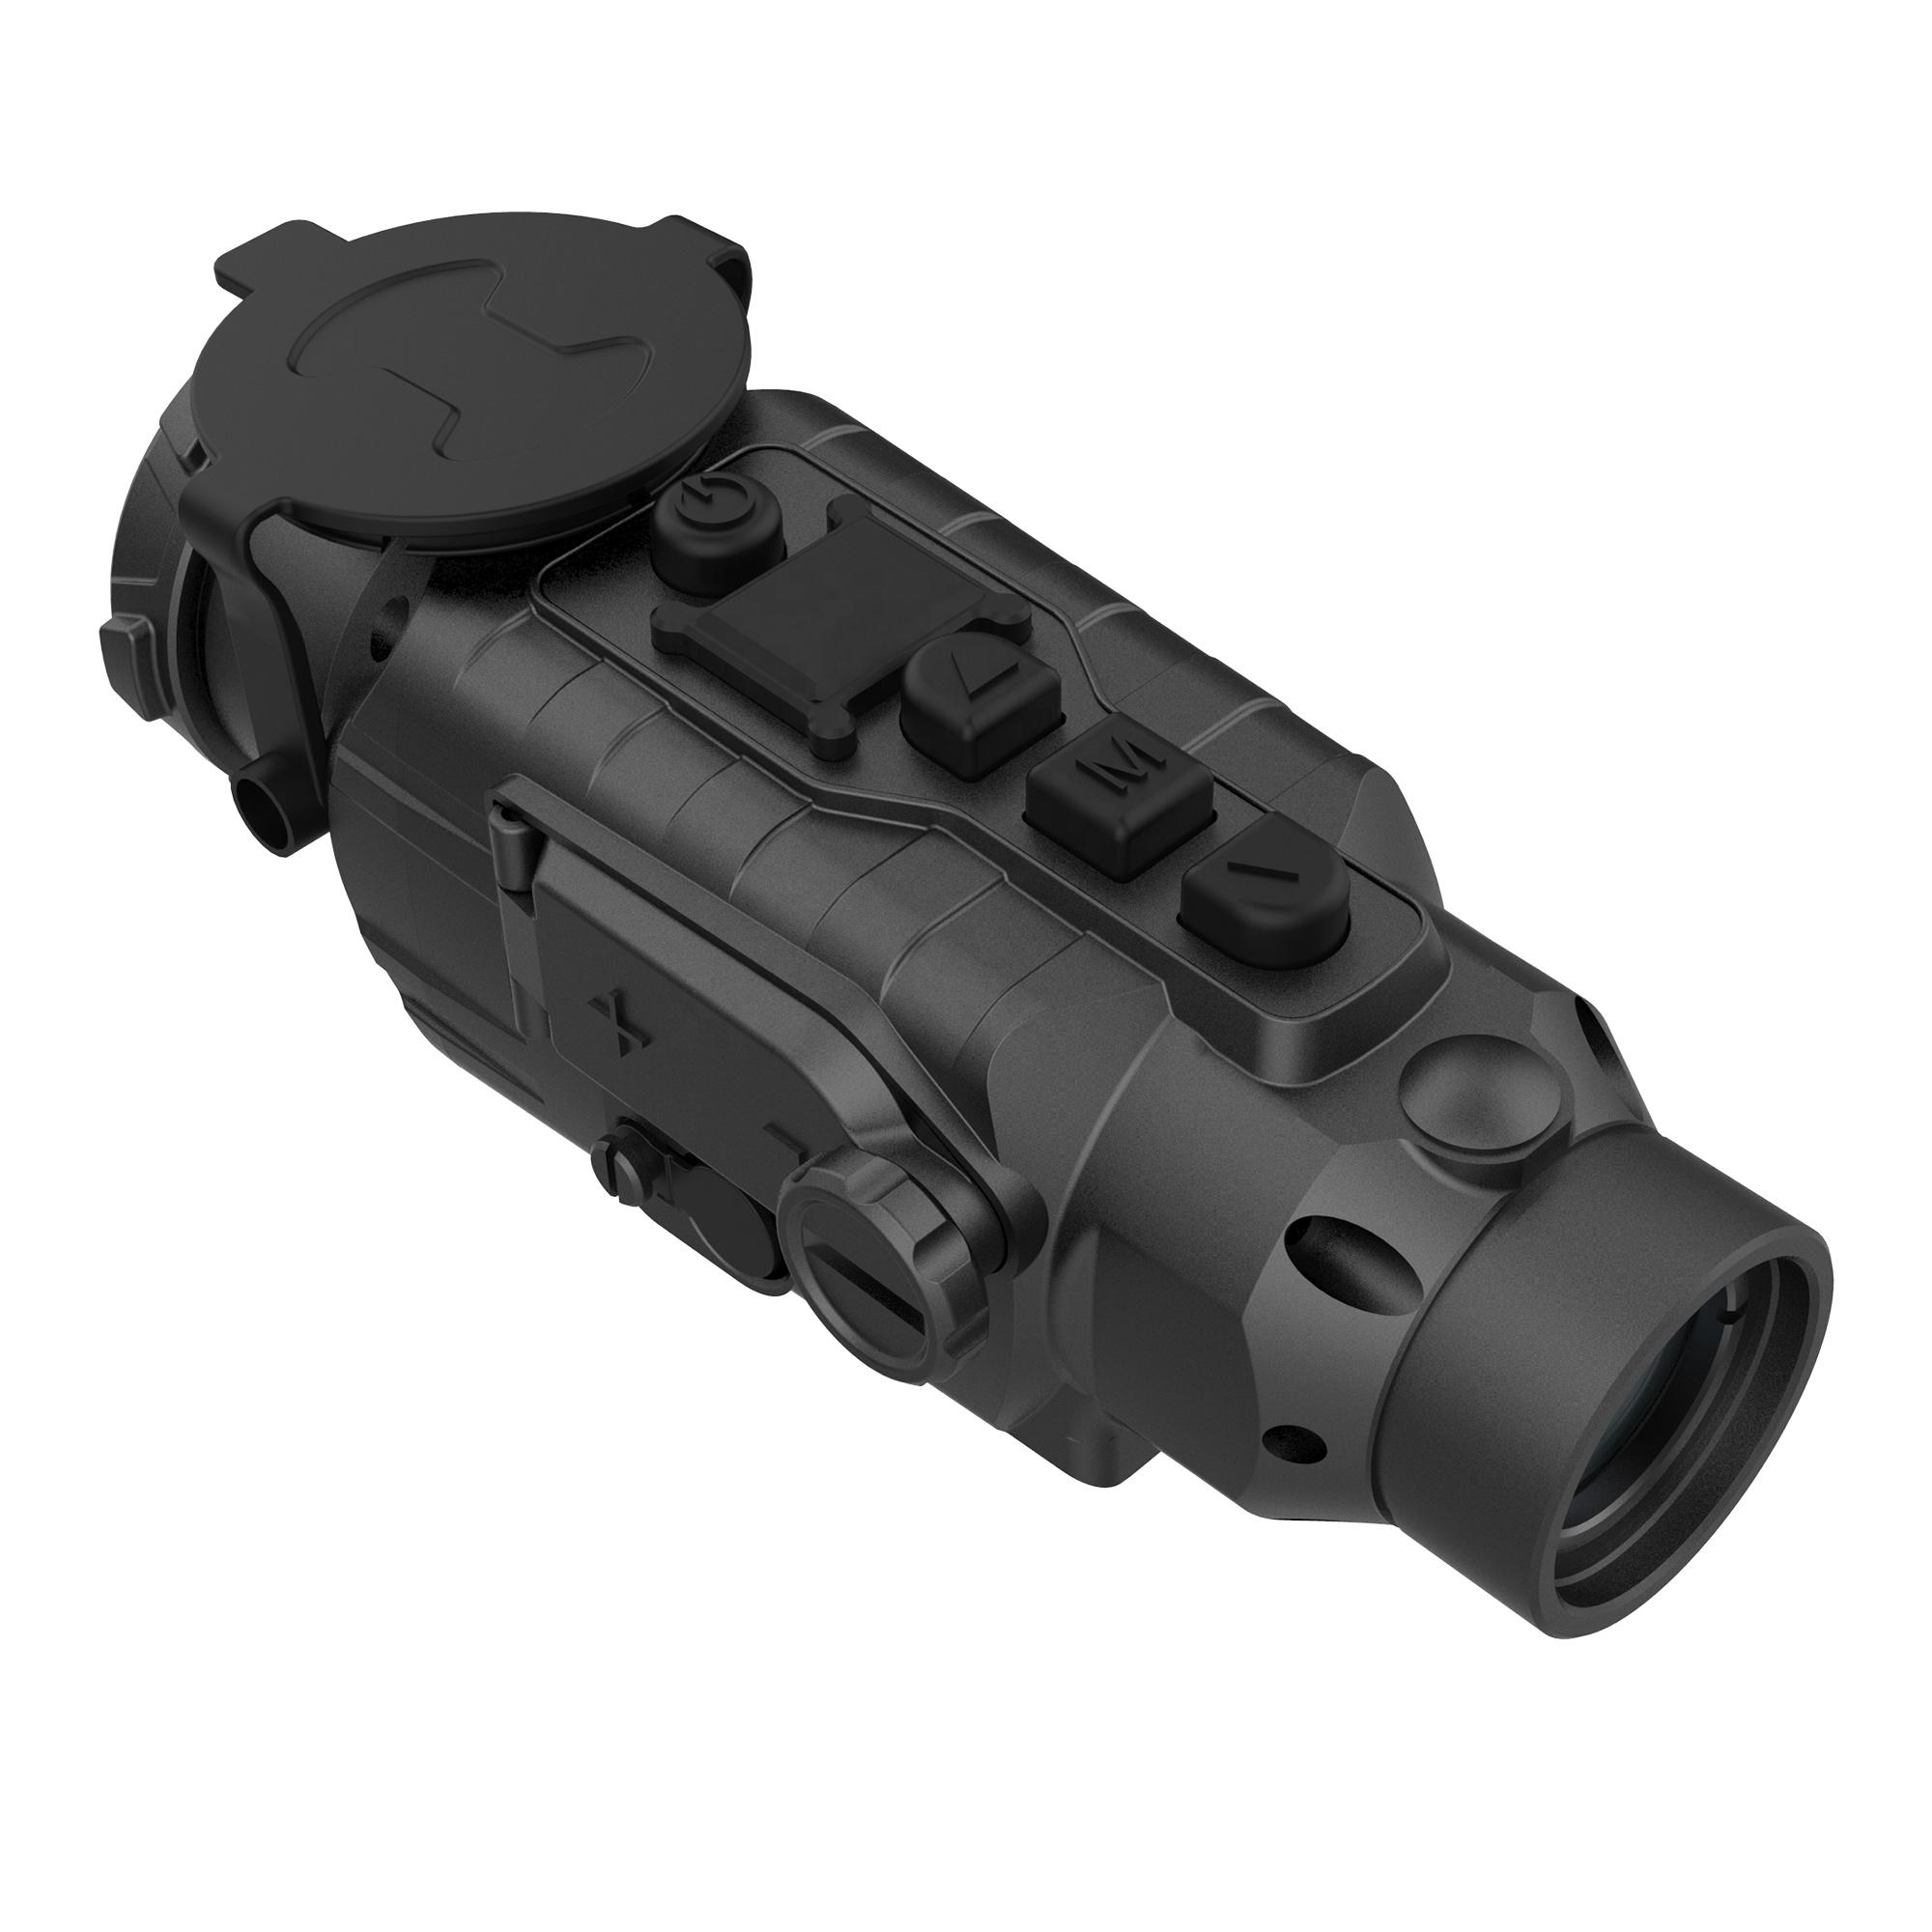 Termal gece kapsamı kızılötesi gece görüş dürbün uzun mesafe avcılık lazer sight, termal telemetre kızılötesi gece görüş